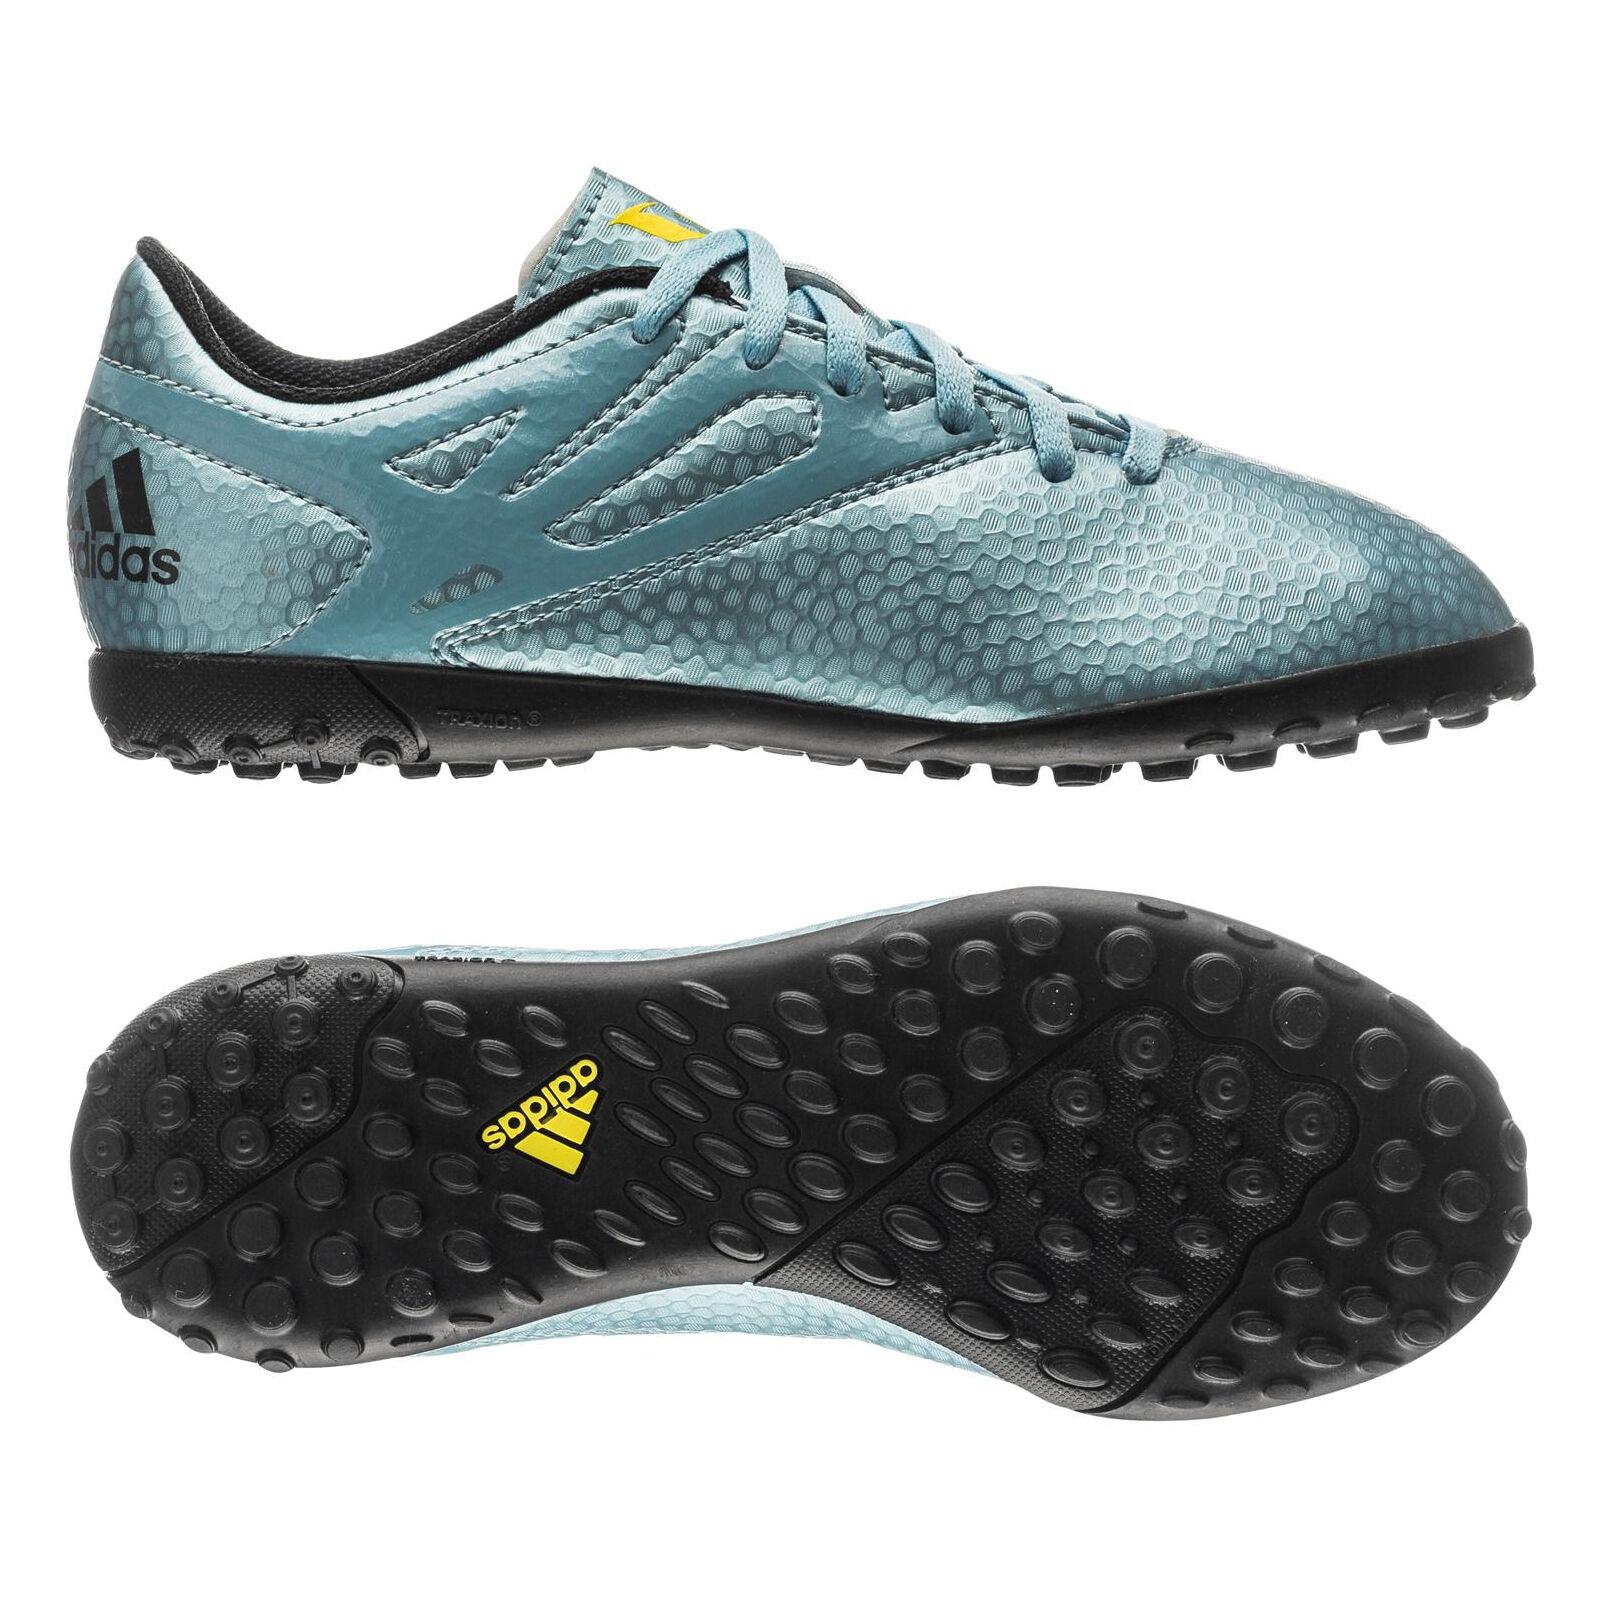 Men's Soccer Shoes & Soccer Cleats | Amazon.com